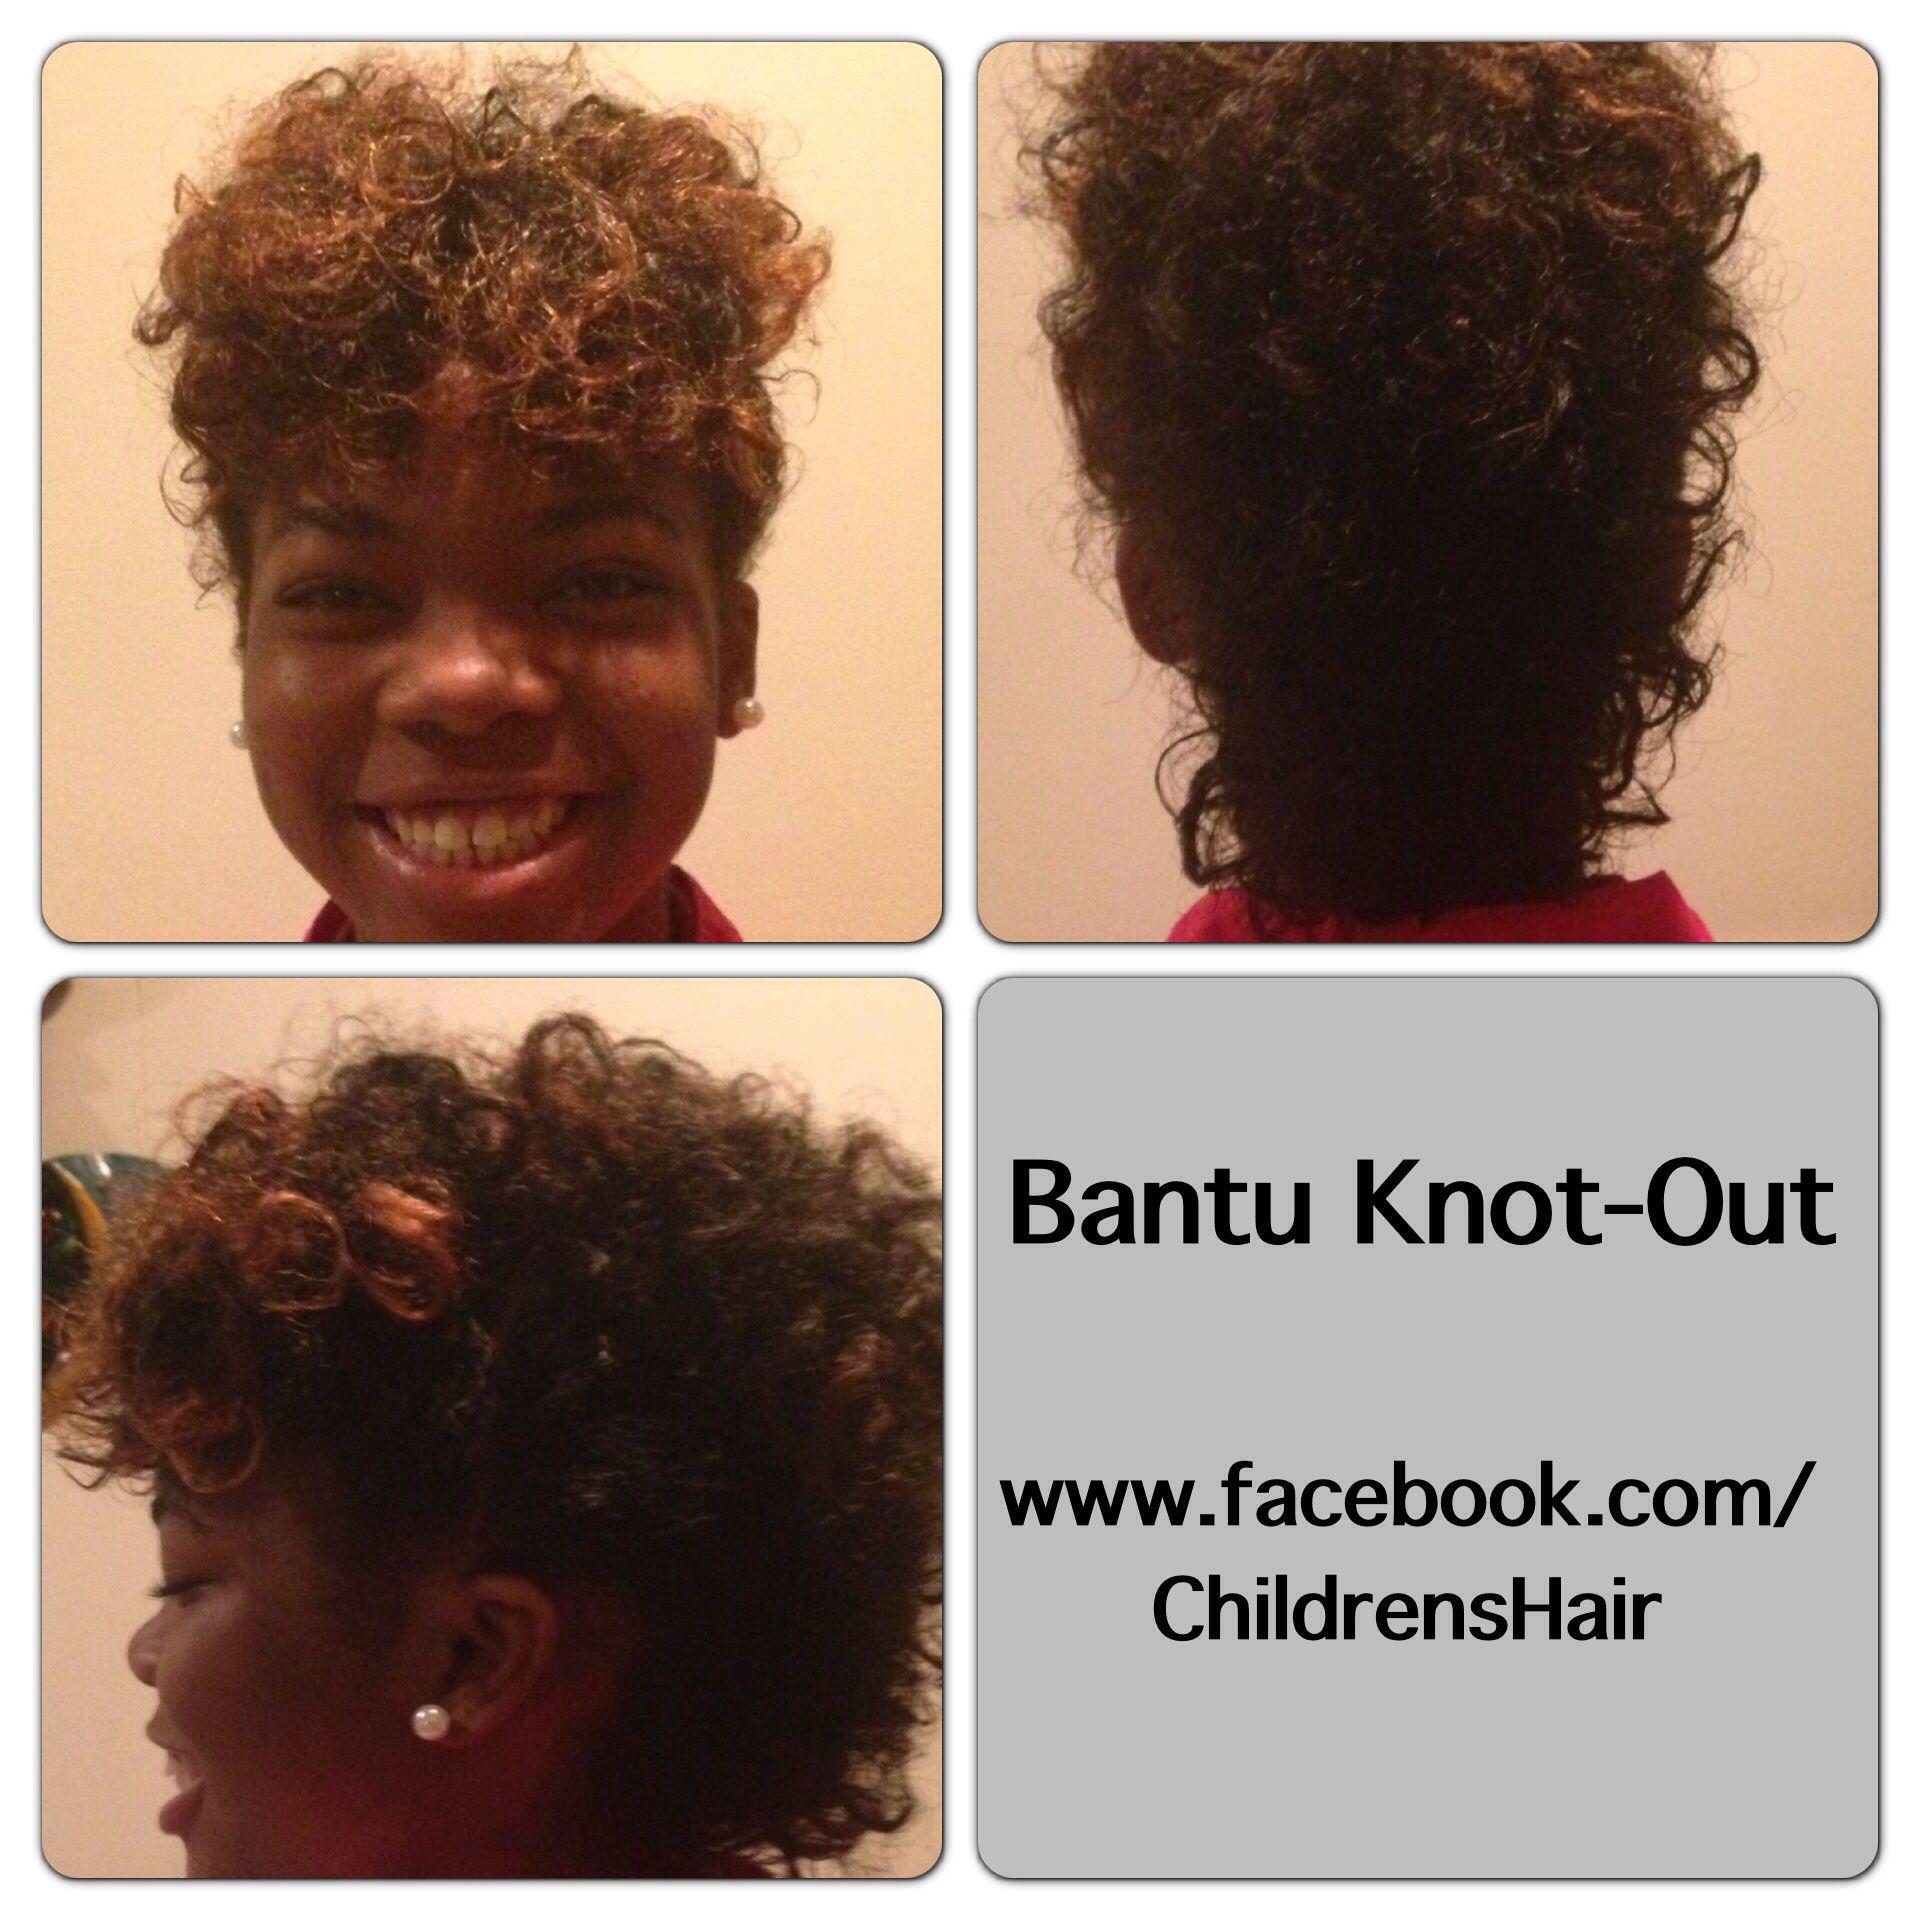 43efaabccdd174e3e4da0ced97e5f684 - How To Get Knots Out Of Children S Hair